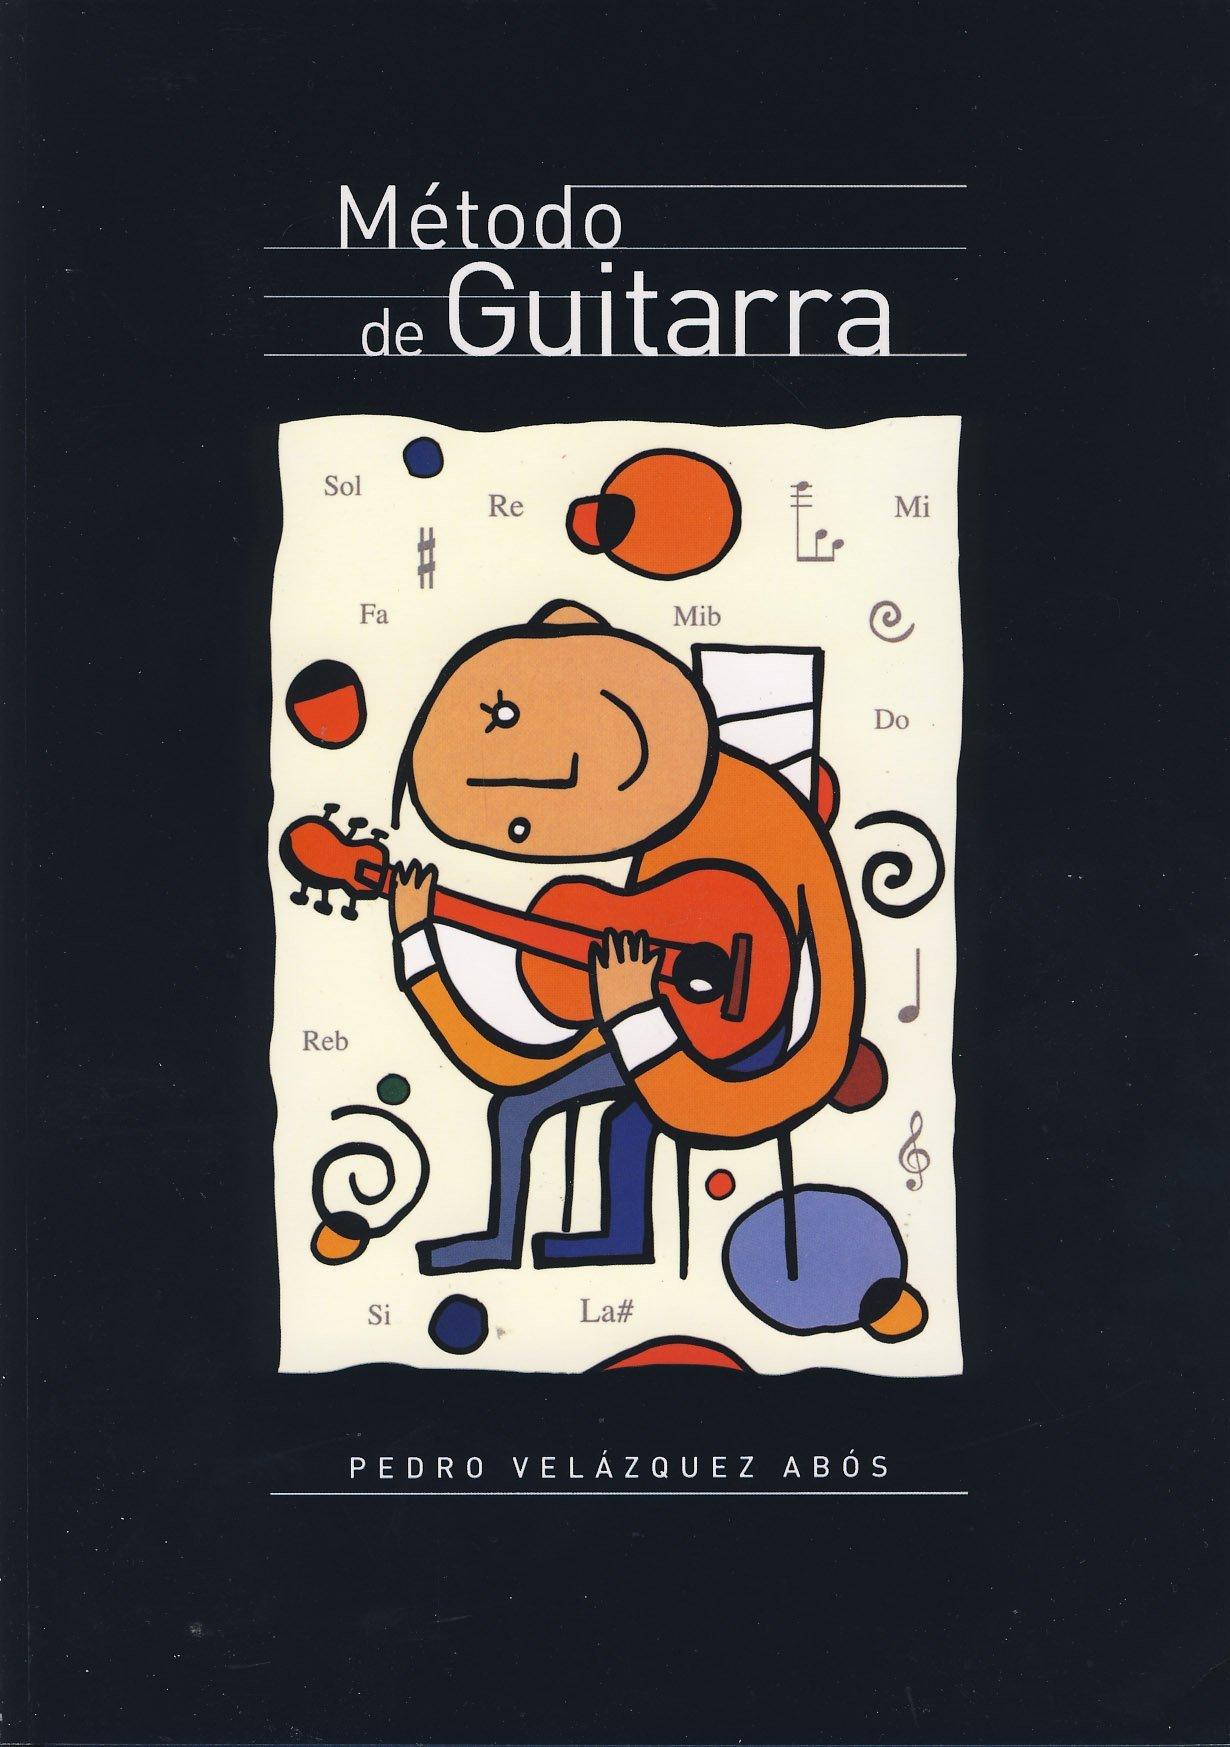 VELAZQUEZ ABOS P. - Metodo de Guitarra (Musica y Cifra) para ...